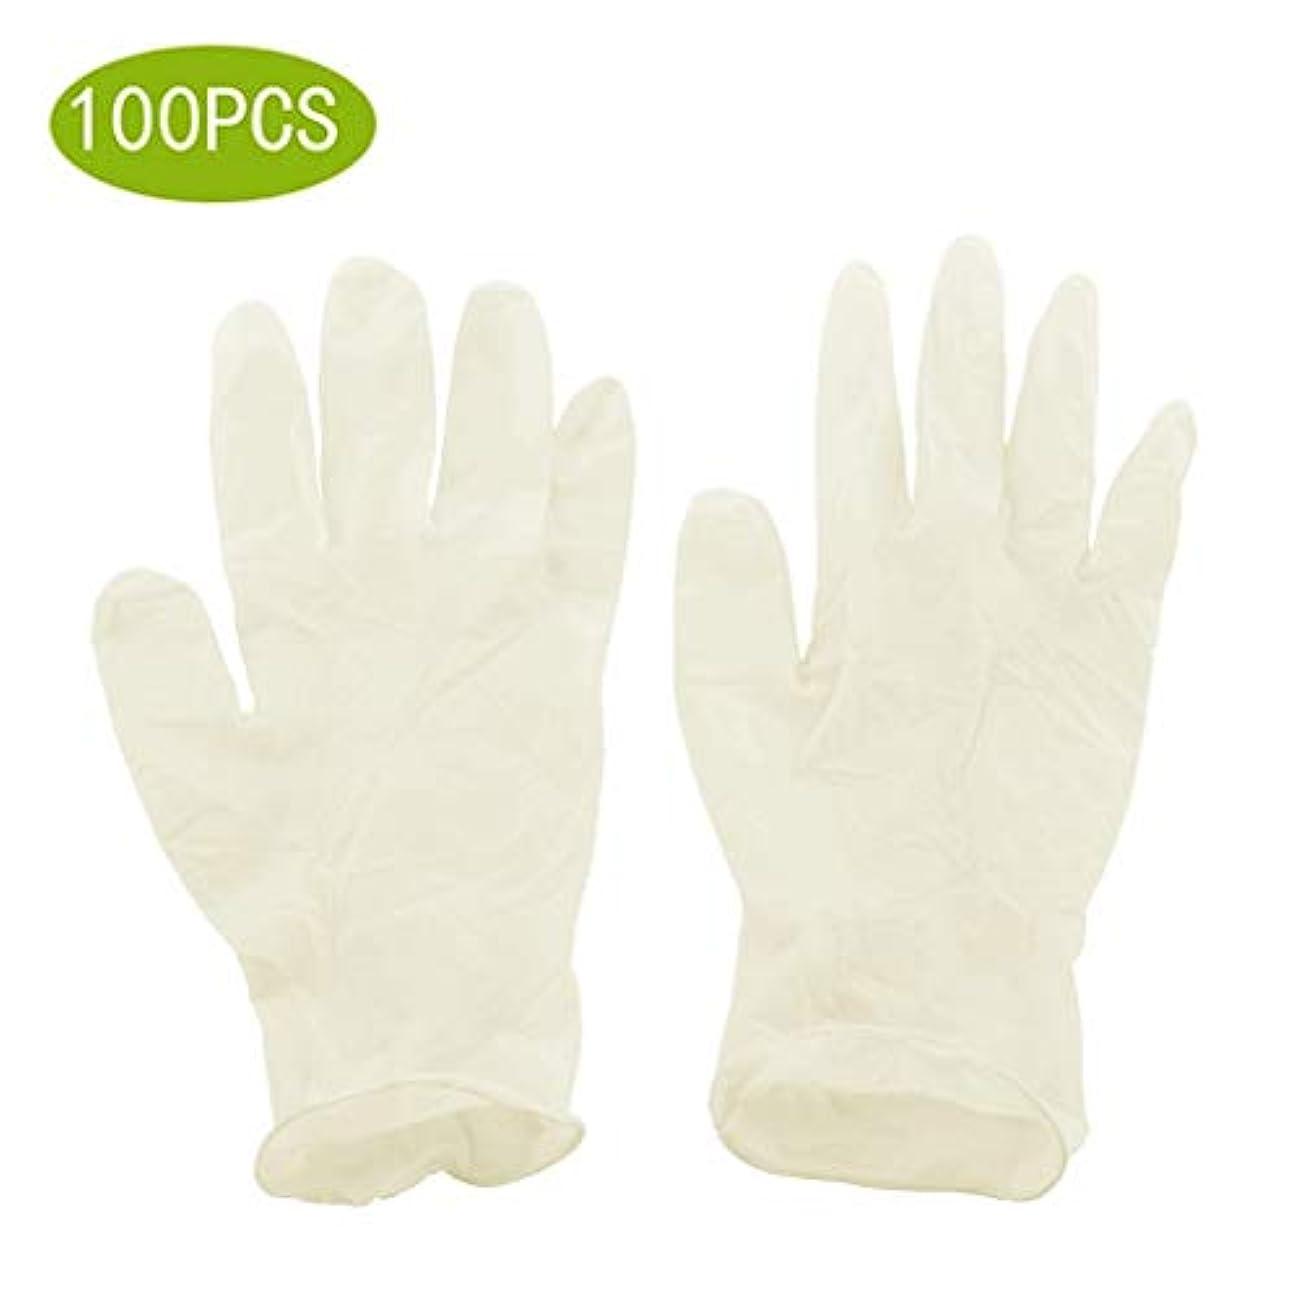 ファウル蒸発する警報9インチ使い捨て手袋軽量セーフフィットパウダーフリーラテックスフリーライト作業クリーニング園芸医療グレード入れ墨医療試験手袋100倍 (Size : L)